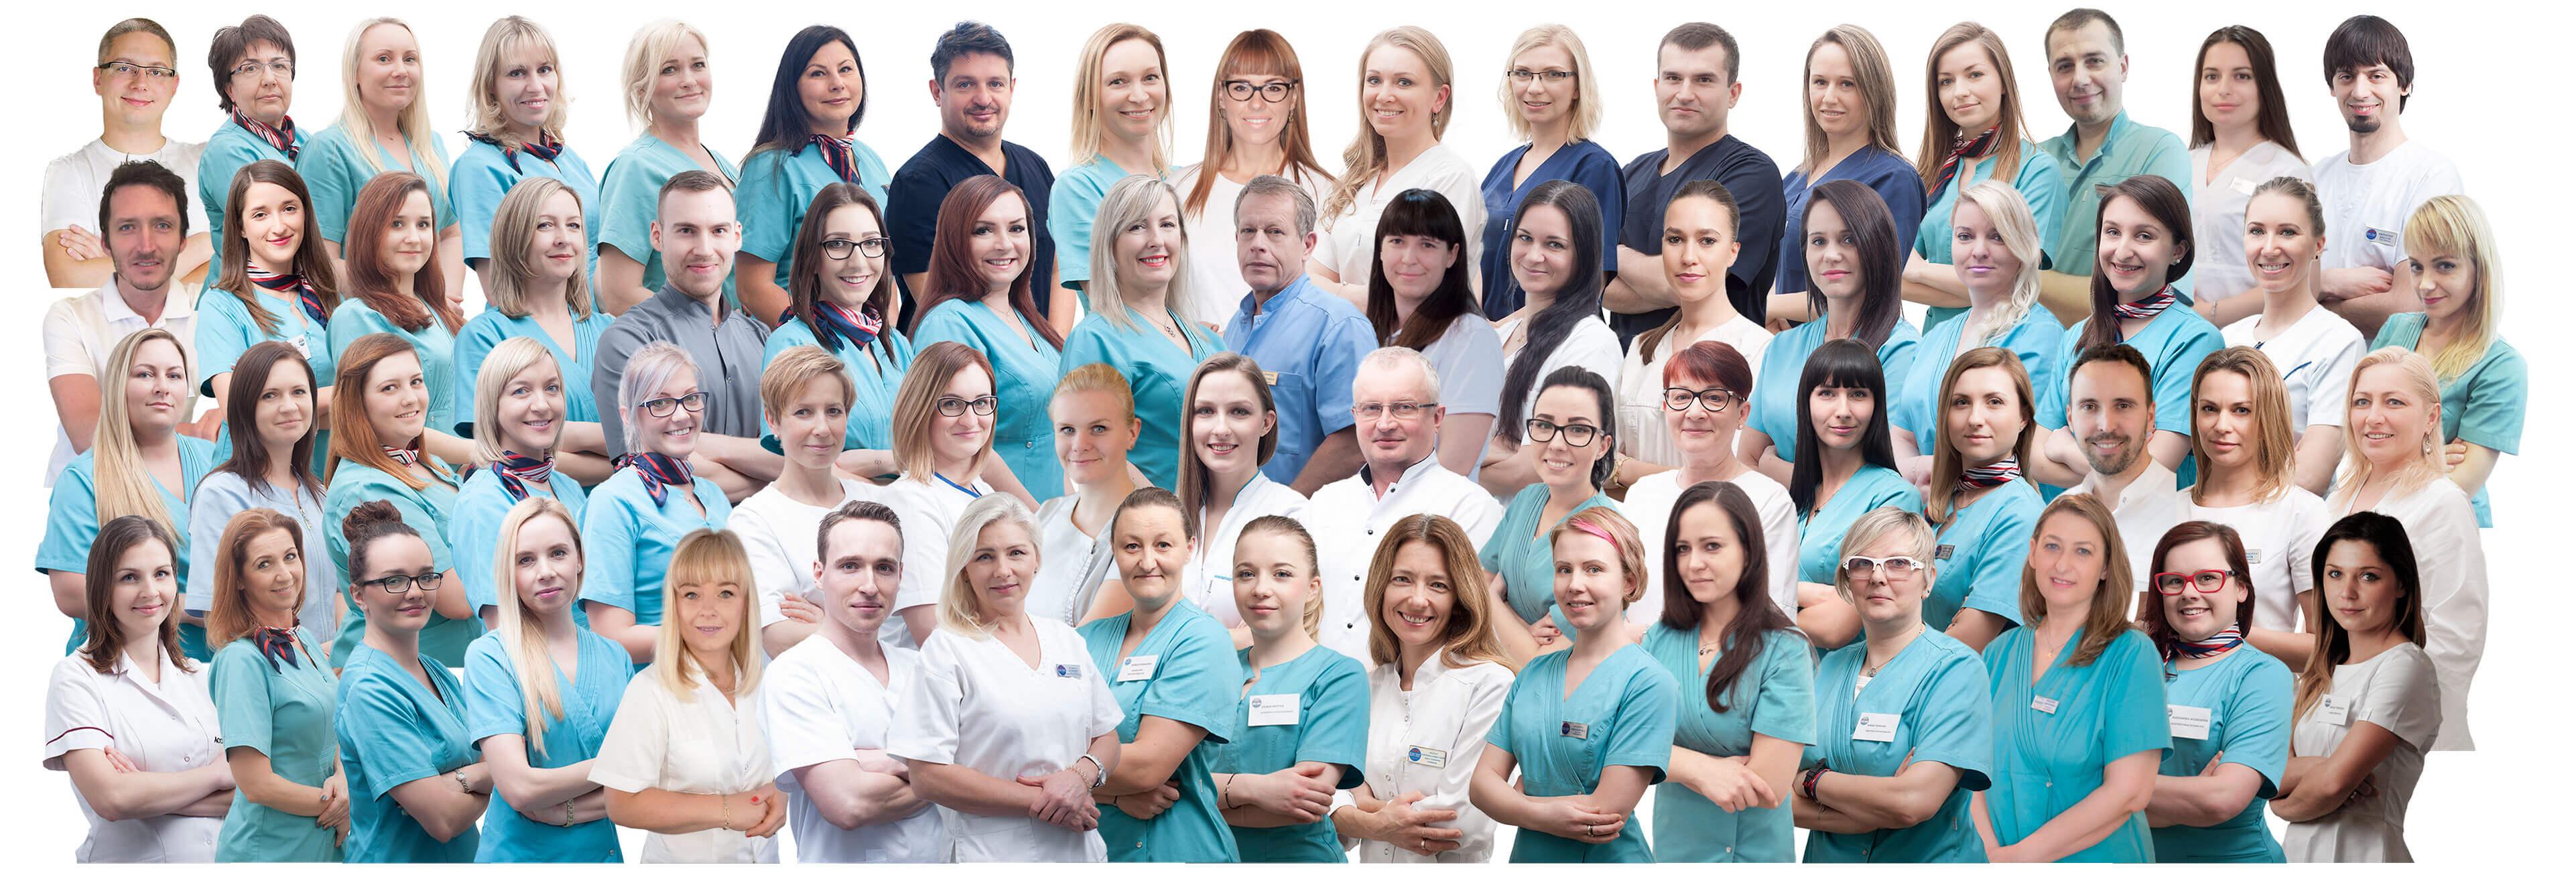 Stomatolog Gdańsk, Klinika Stomatologiczna , Centrum Stomatologiczne Gdańsk